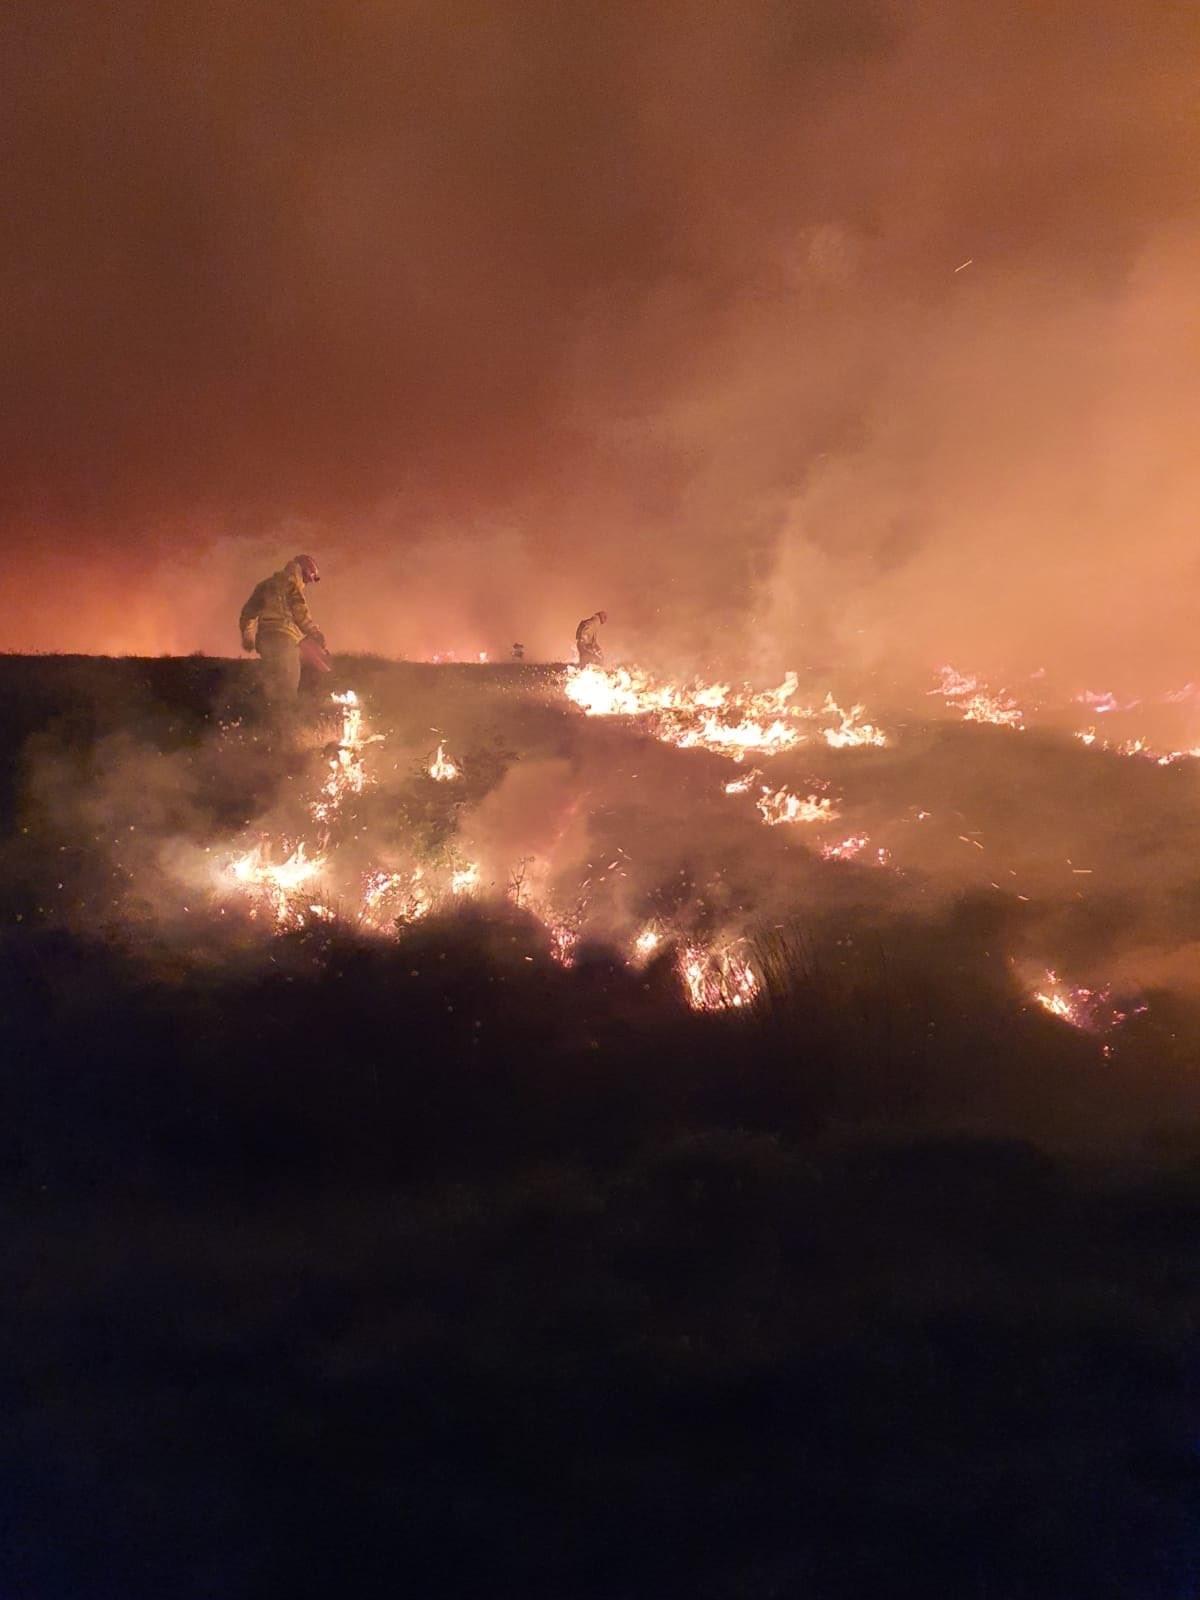 Wildfire in Darwen